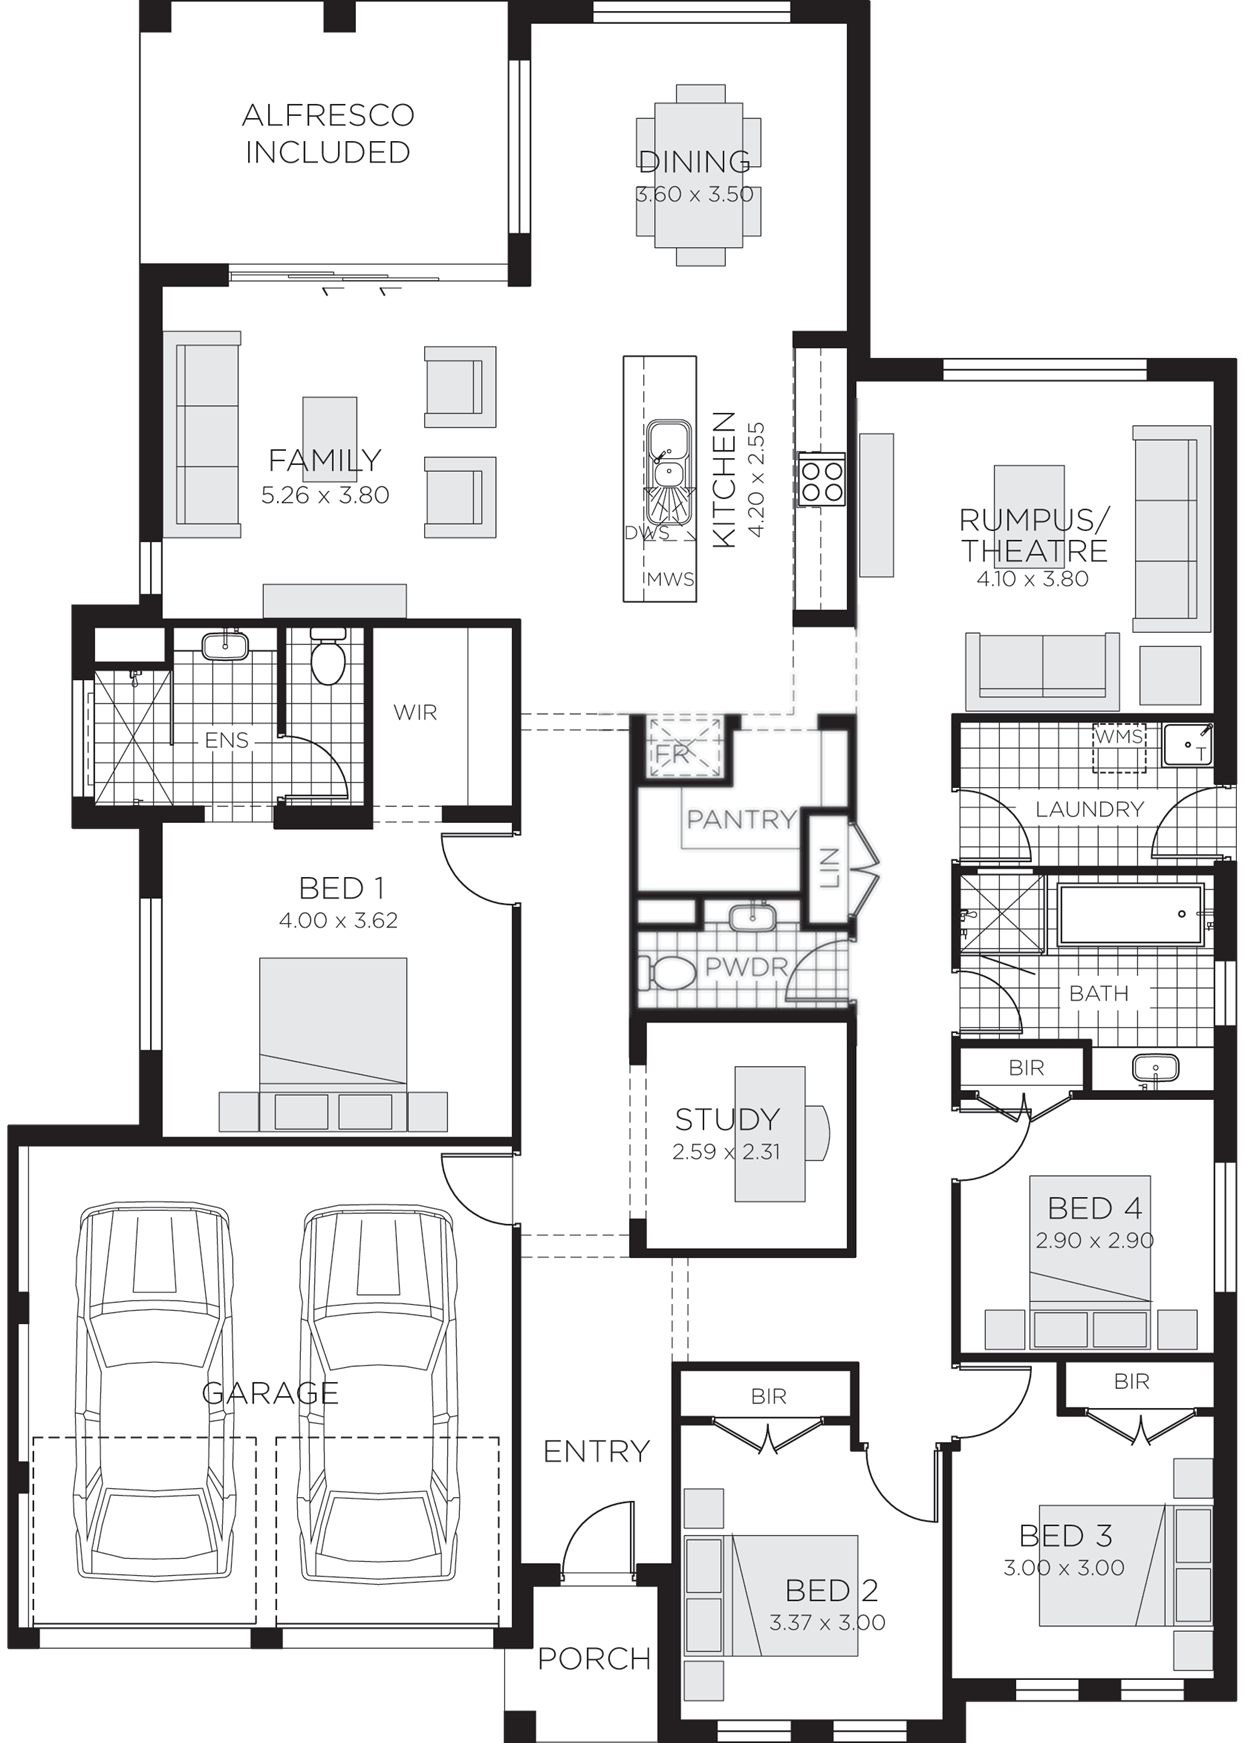 Stroud Home Design 4 Bedroom Floor Plans Rawson Homes House Plans Australia Bedroom Floor Plans Simple Floor Plans